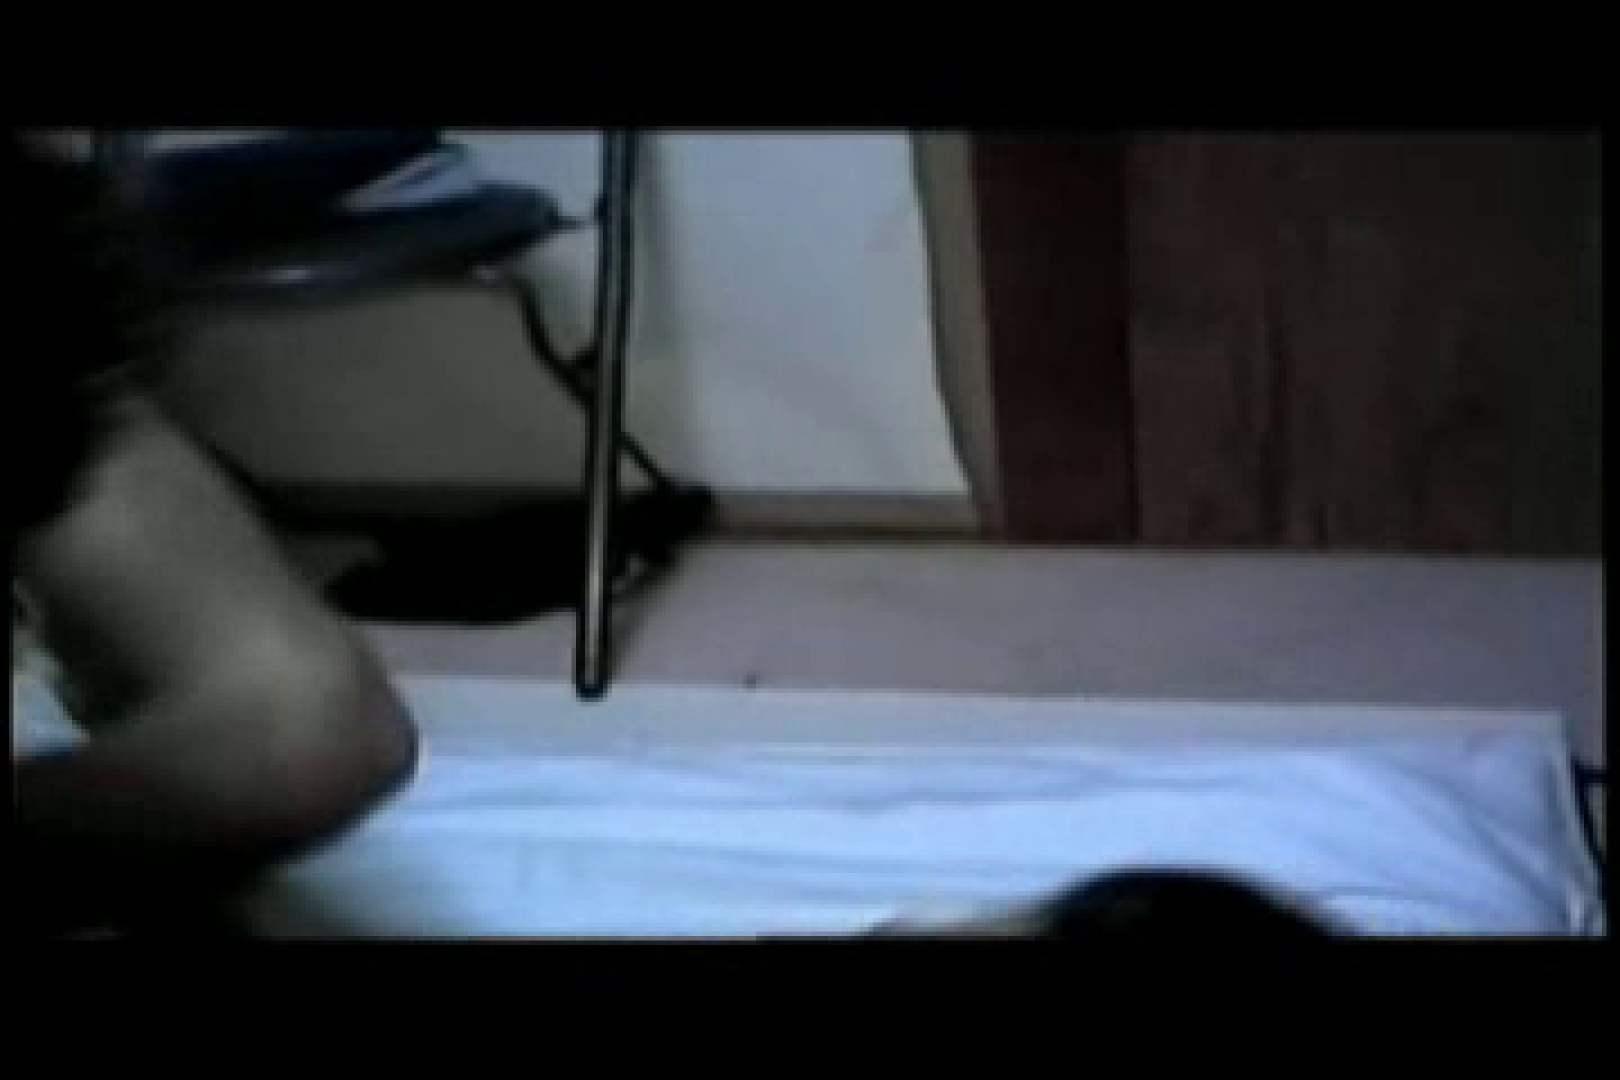 【実録個人撮影】男の子達の禁断の愛欲性活!!vol.04 射精男 ゲイエロビデオ画像 89画像 24